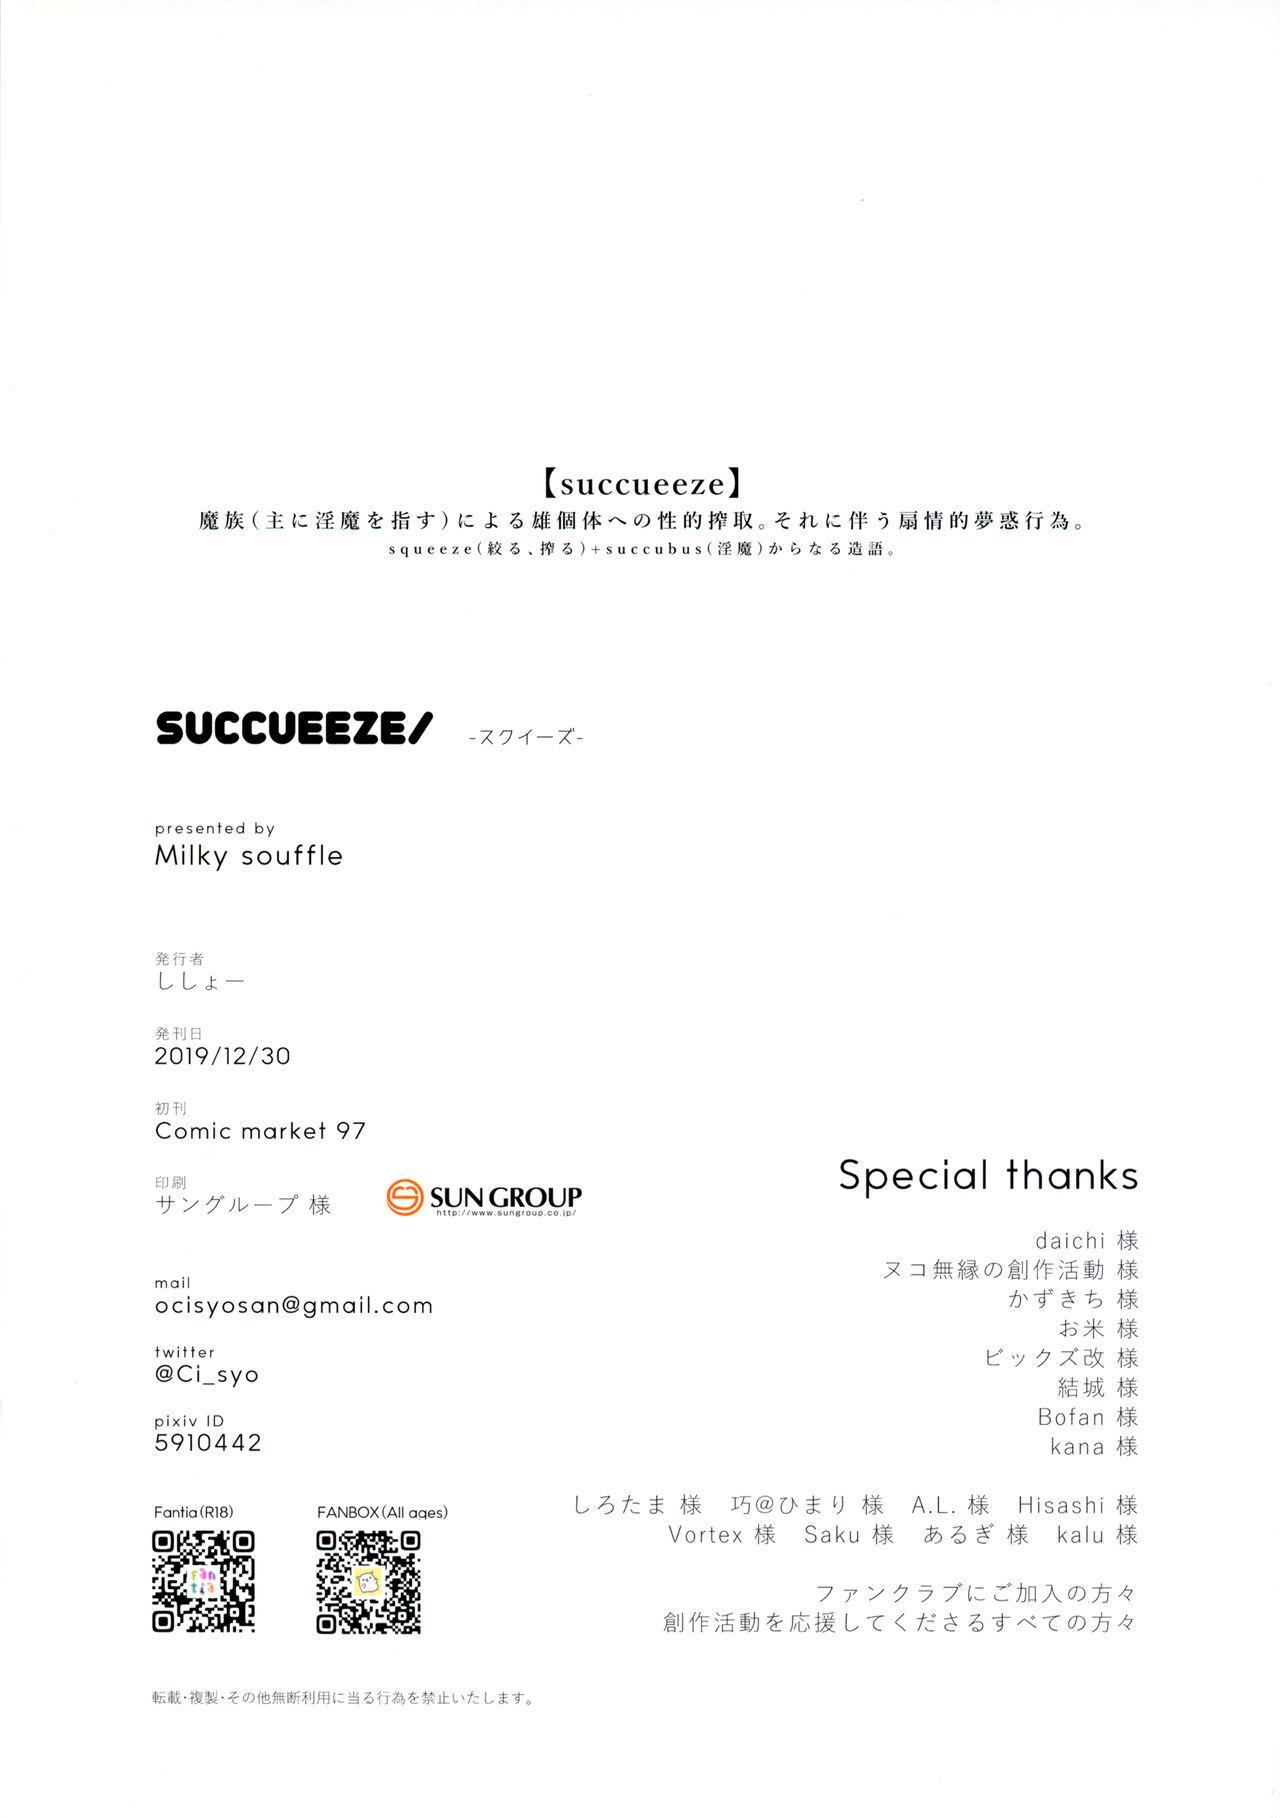 SUCCUEEZE/ 12